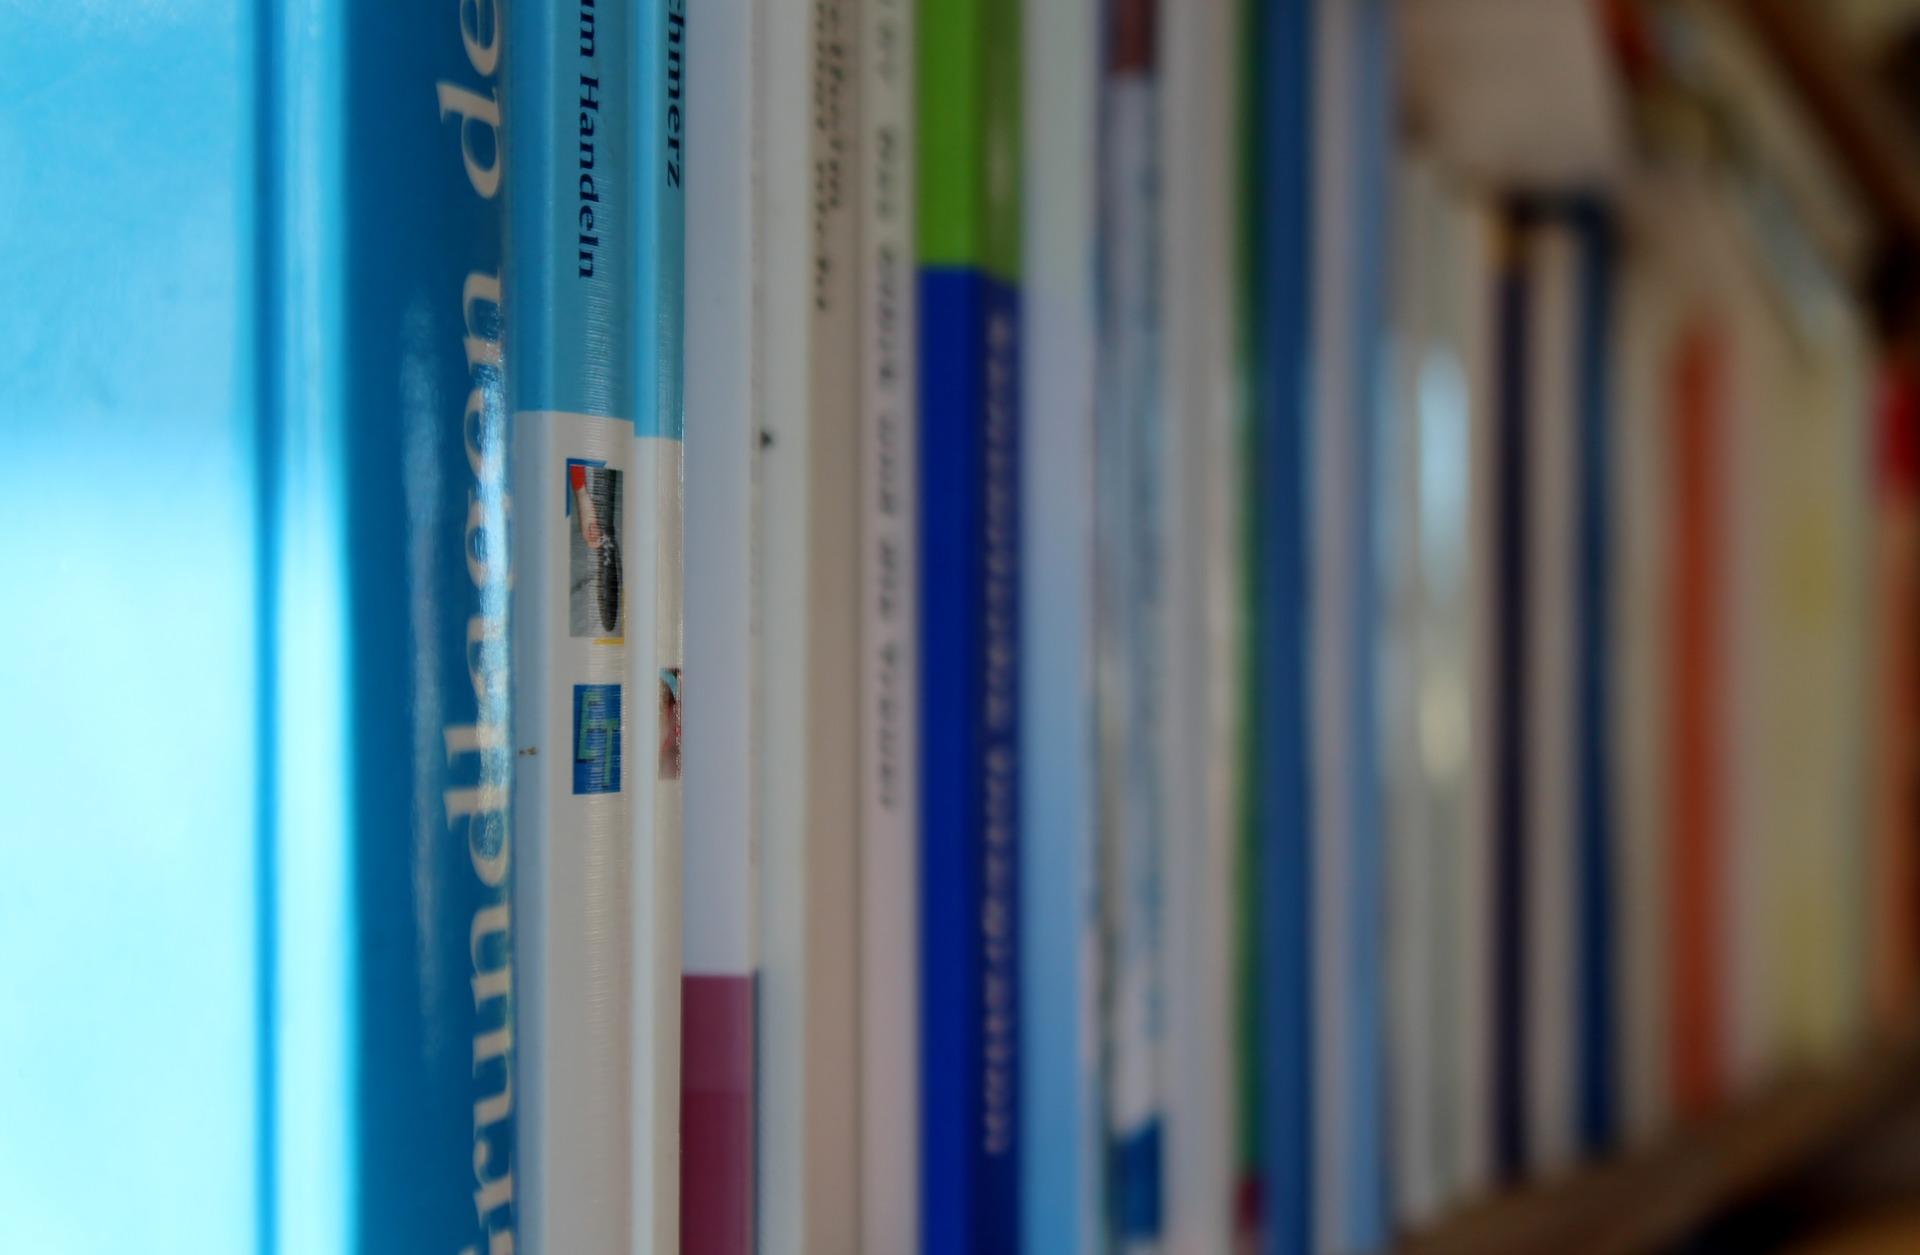 01.04.2021: Neue Buchstützen für die Schulbibliothek